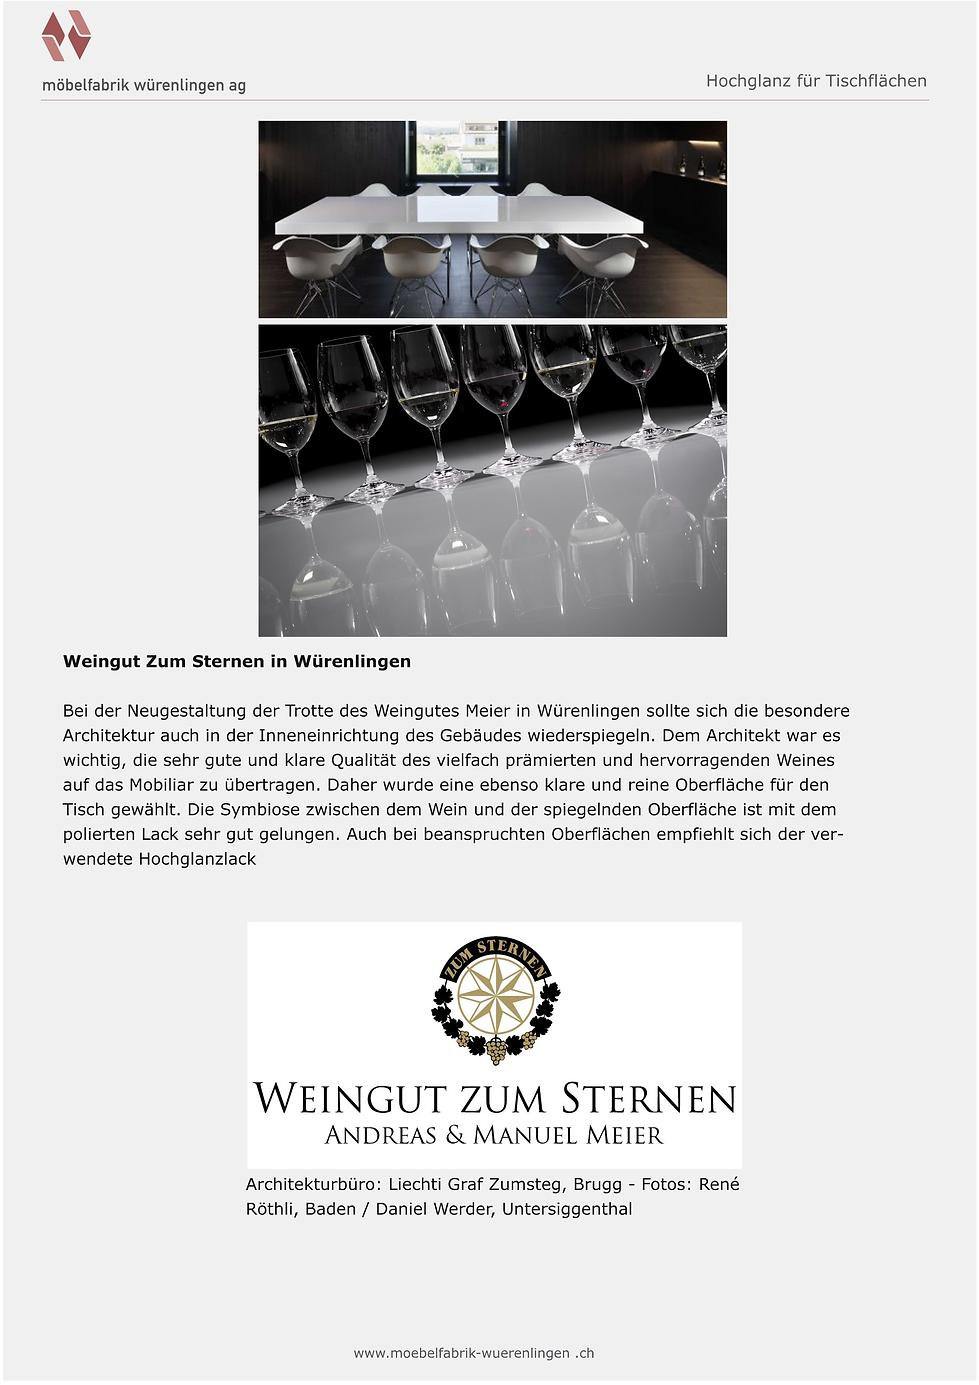 210324_Hochglanz für Tischflächen_mz.png